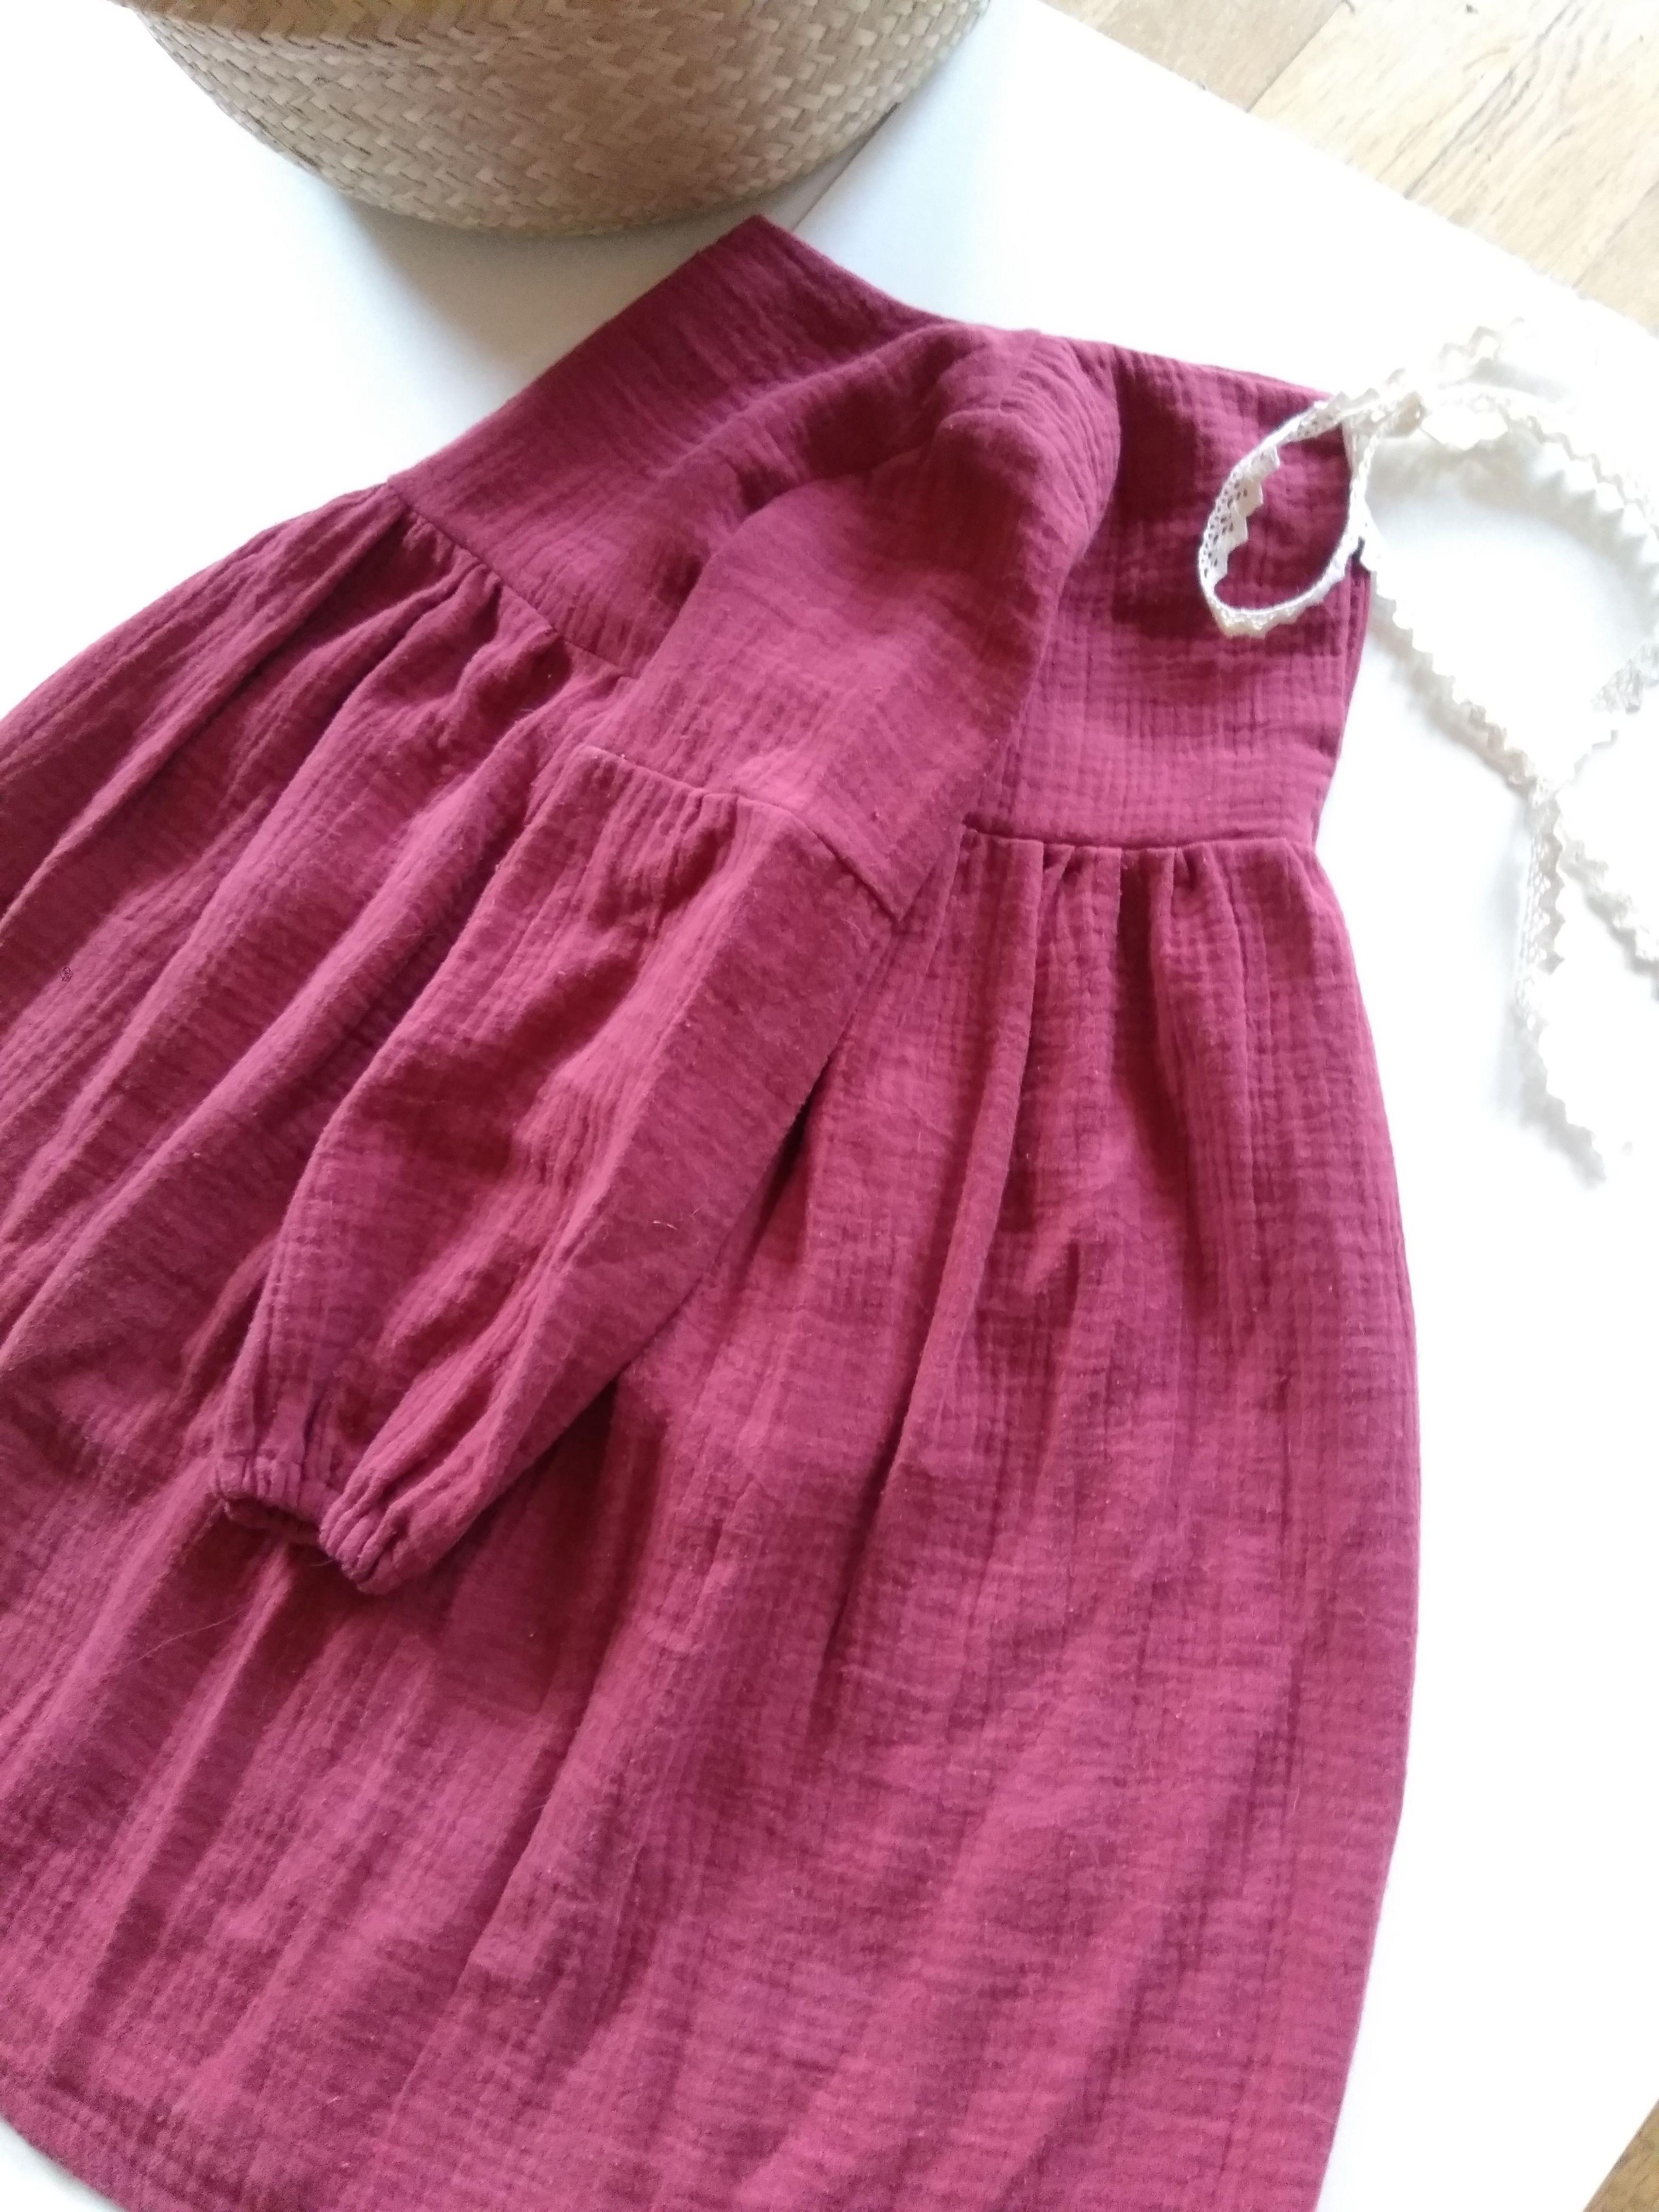 MARLI Musselin Kleid | handmade with love nähen für kinder ...